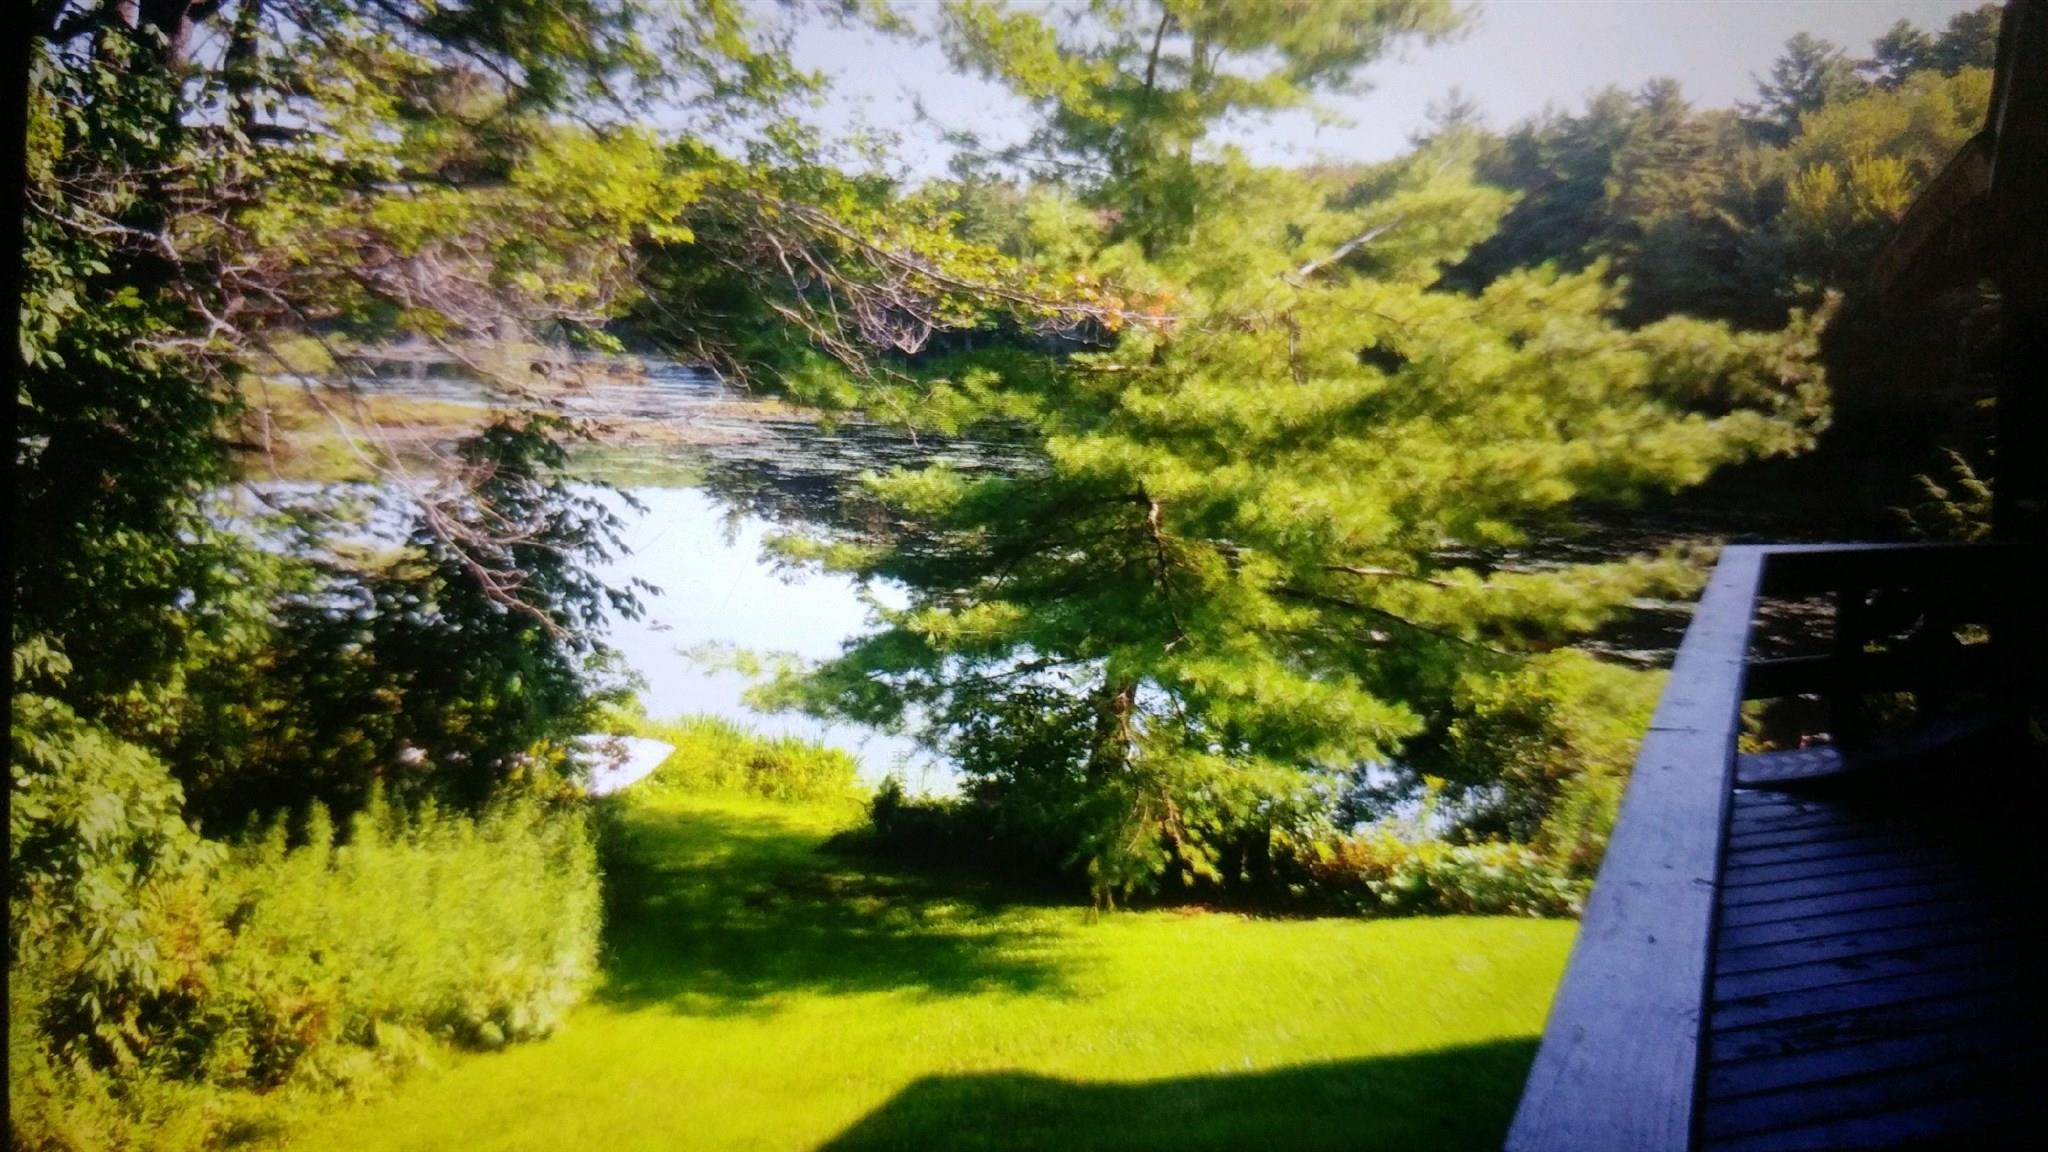 Gloversville image 74